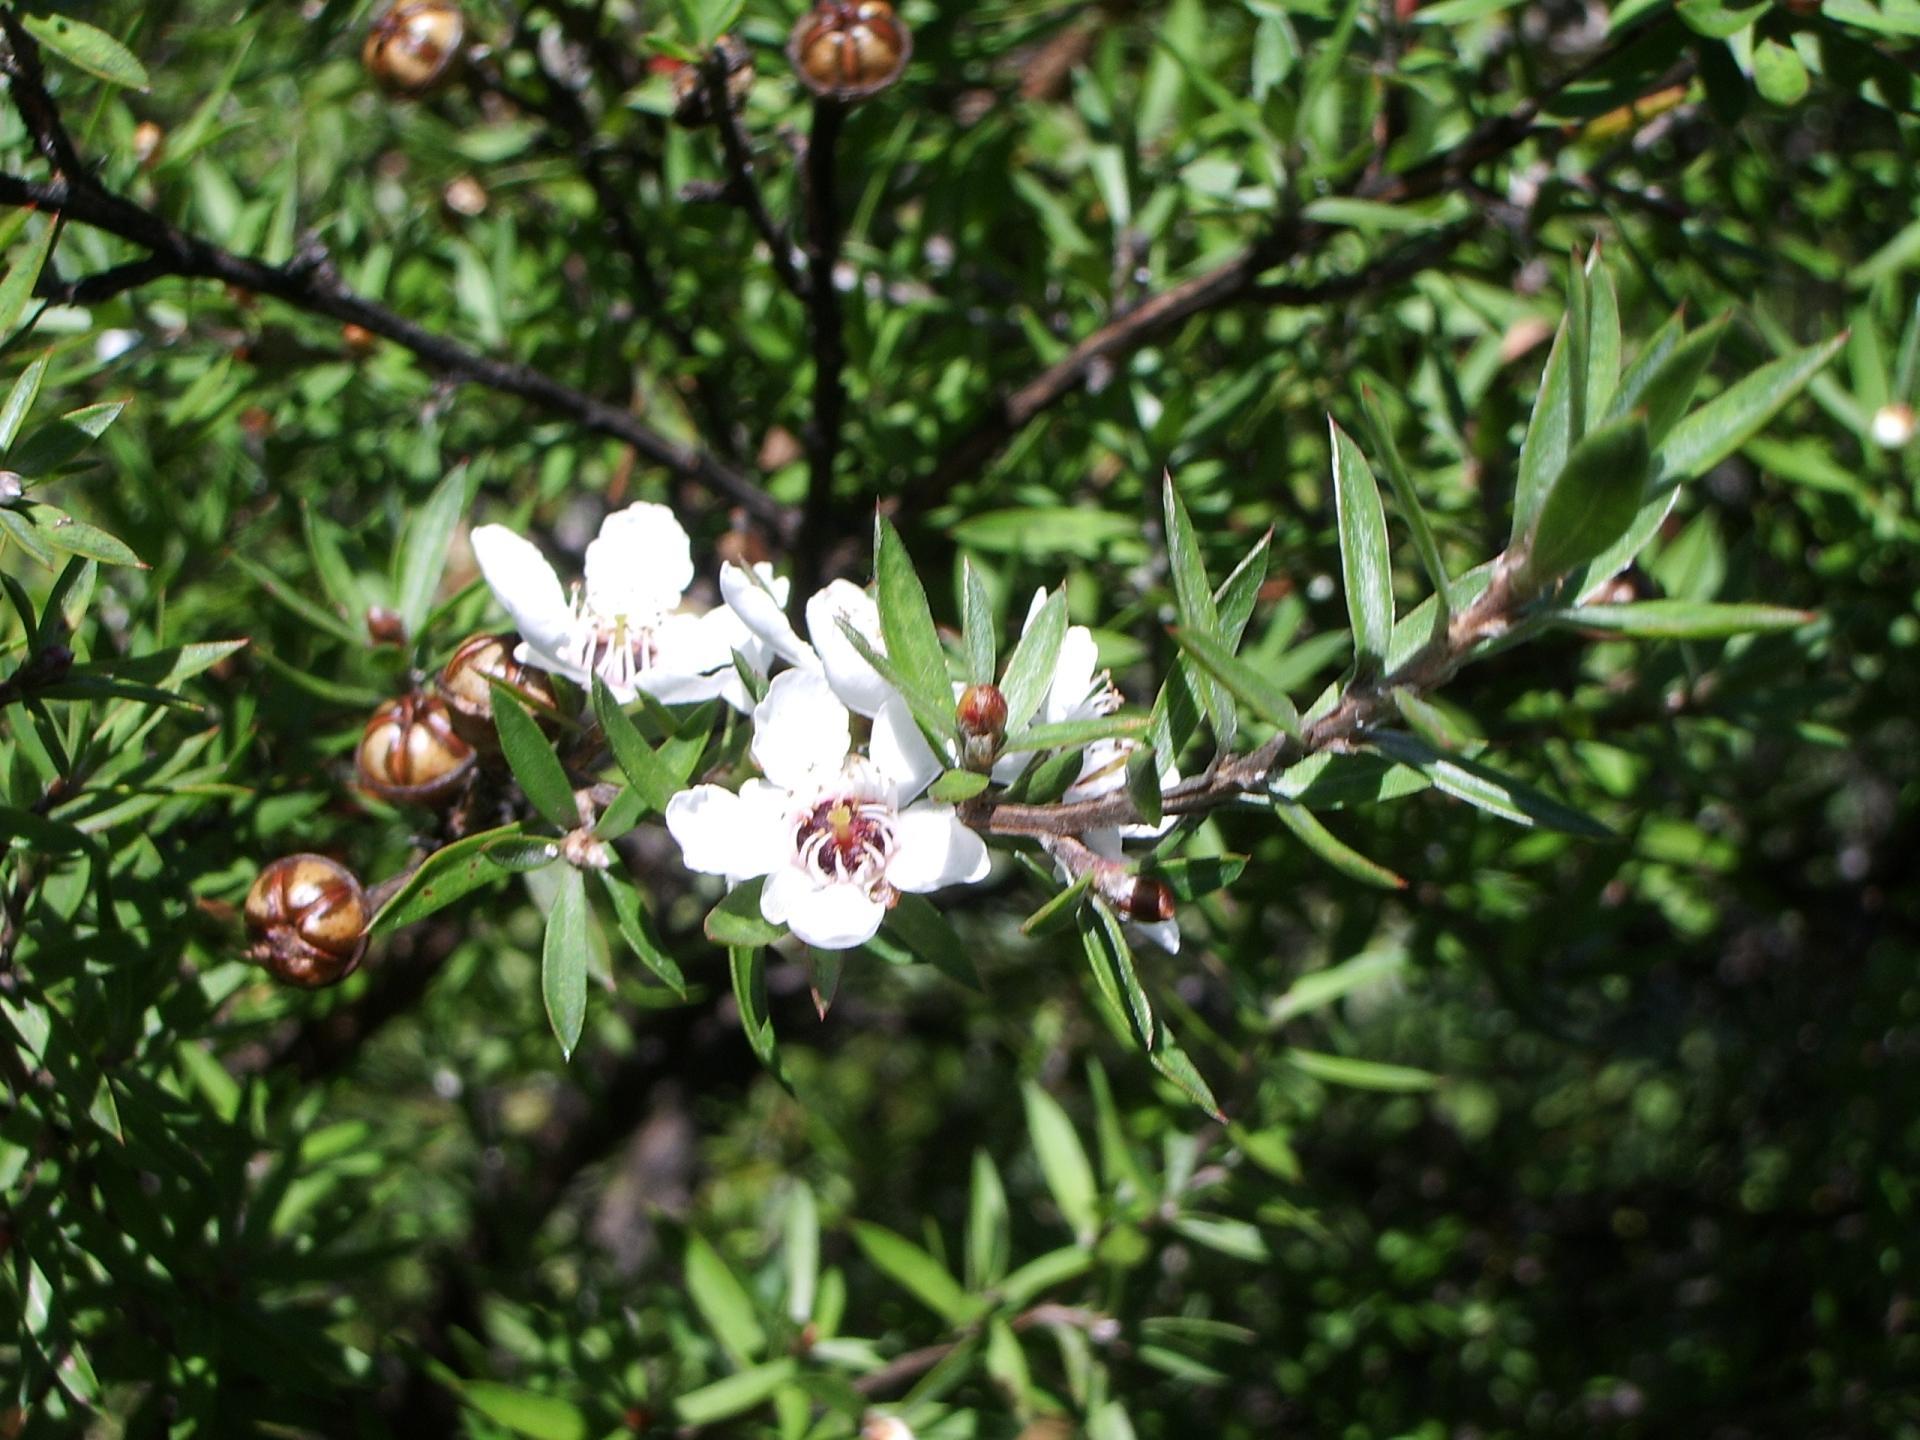 Leptospermum scoparium manuka